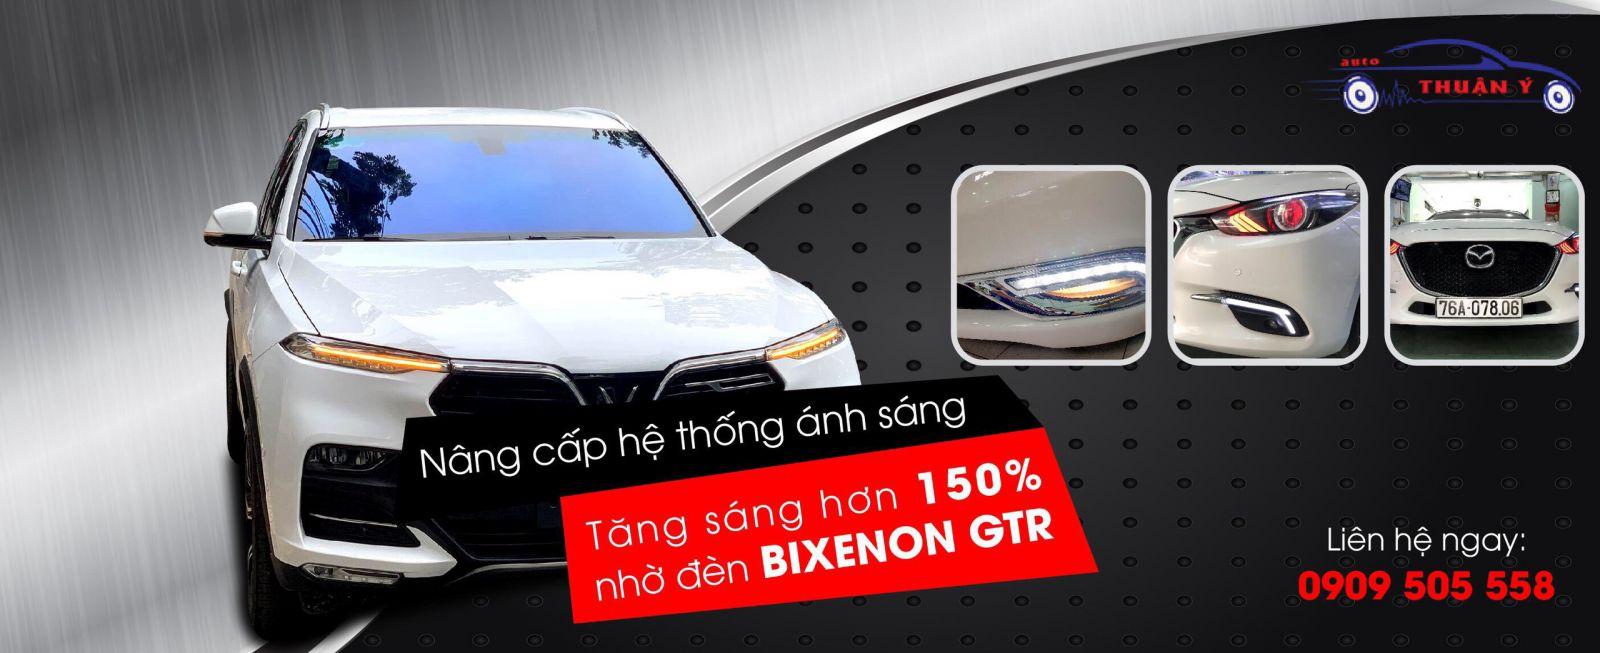 nang-cap-he-thong-anh-sang-xe-hoi-den-bixenon